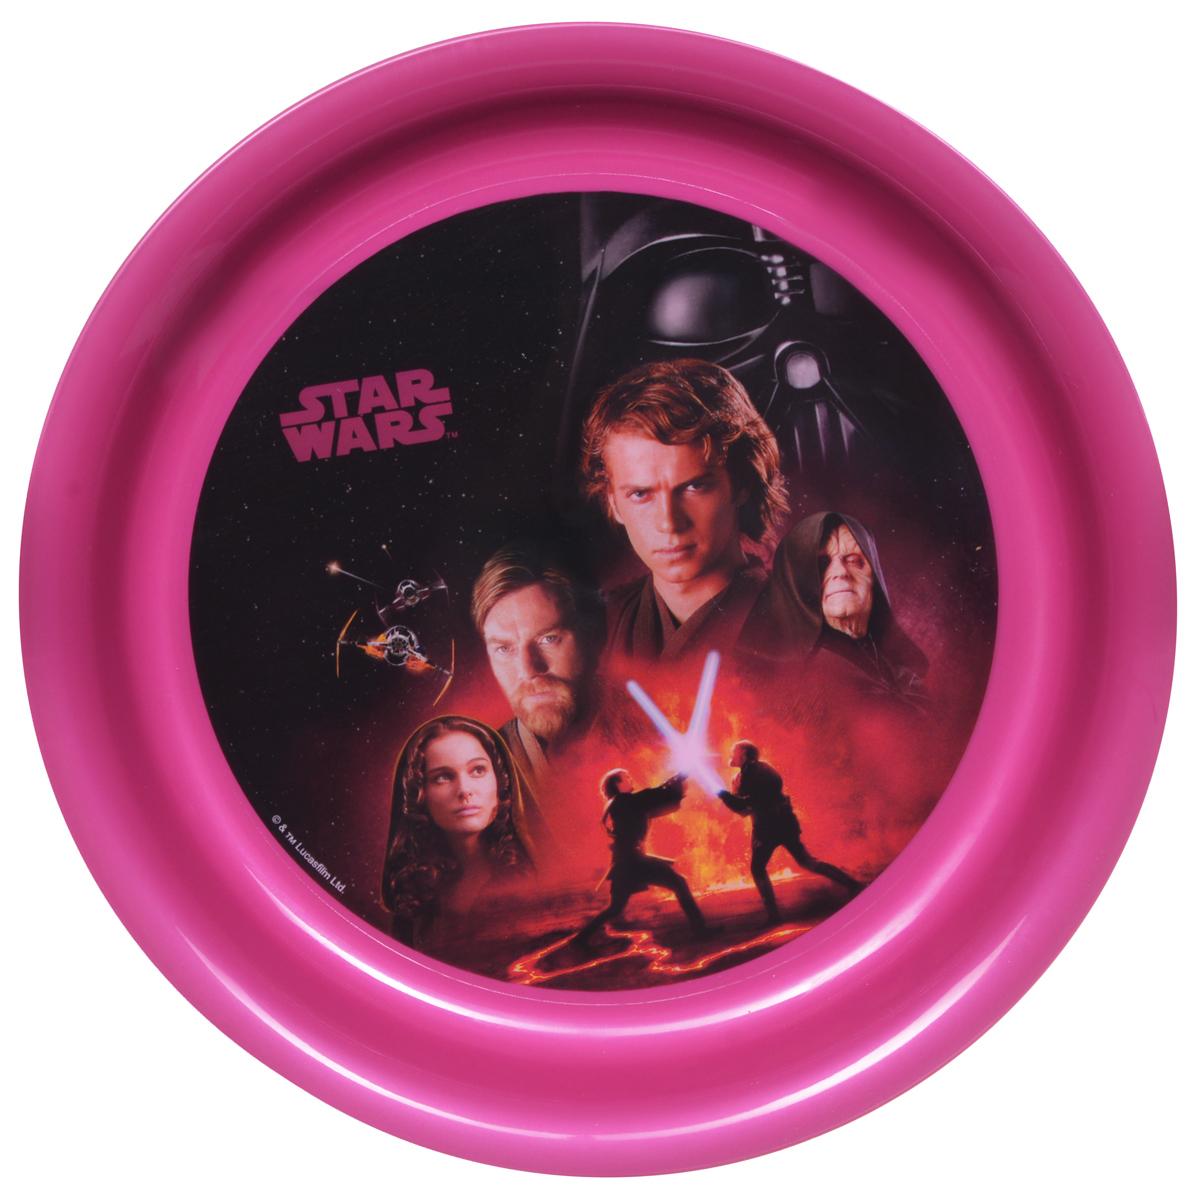 Star Wars Тарелка детская диаметр 19 см115510Детская тарелка Star Wars станет отличным подарком для любого фаната знаменитой саги. Она выполнена из полипропилена и оформлена рисунком с изображением героев фильма Звездные войны. Диаметр тарелки: 19 см. Не подходит для использования в посудомоечной машине и СВЧ-печи.